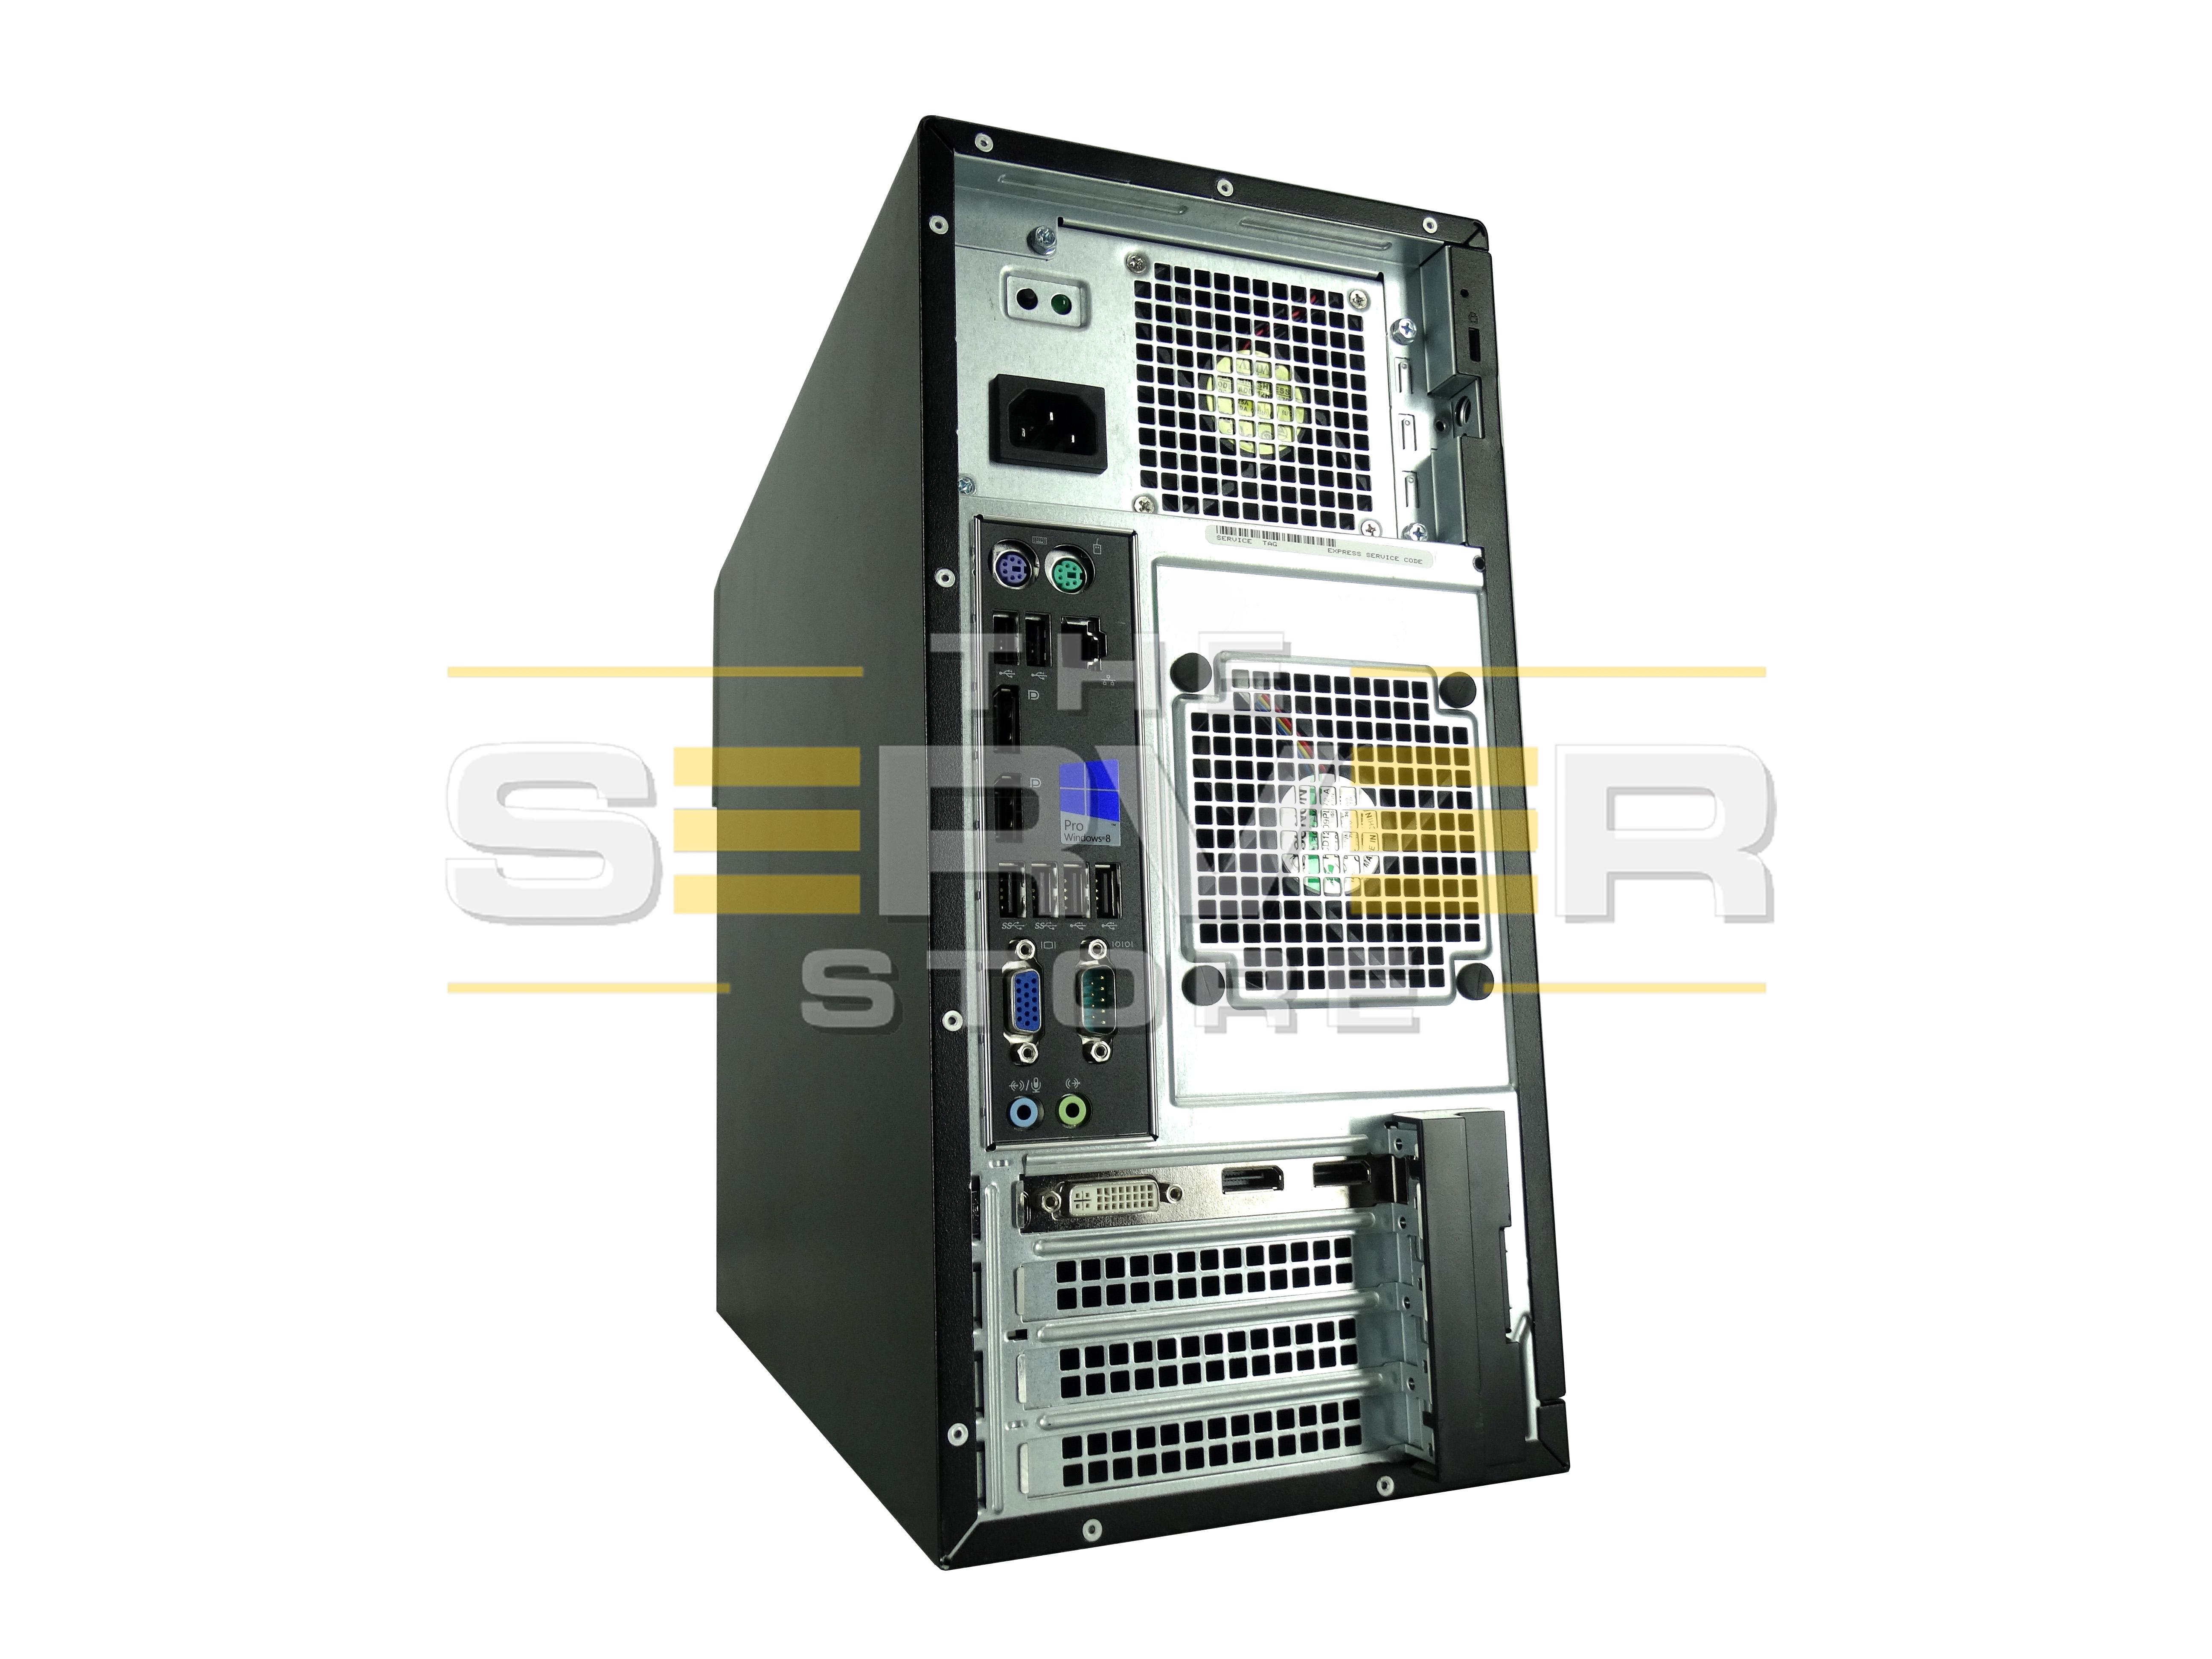 Dell Precision T1700 Workstation Minitower